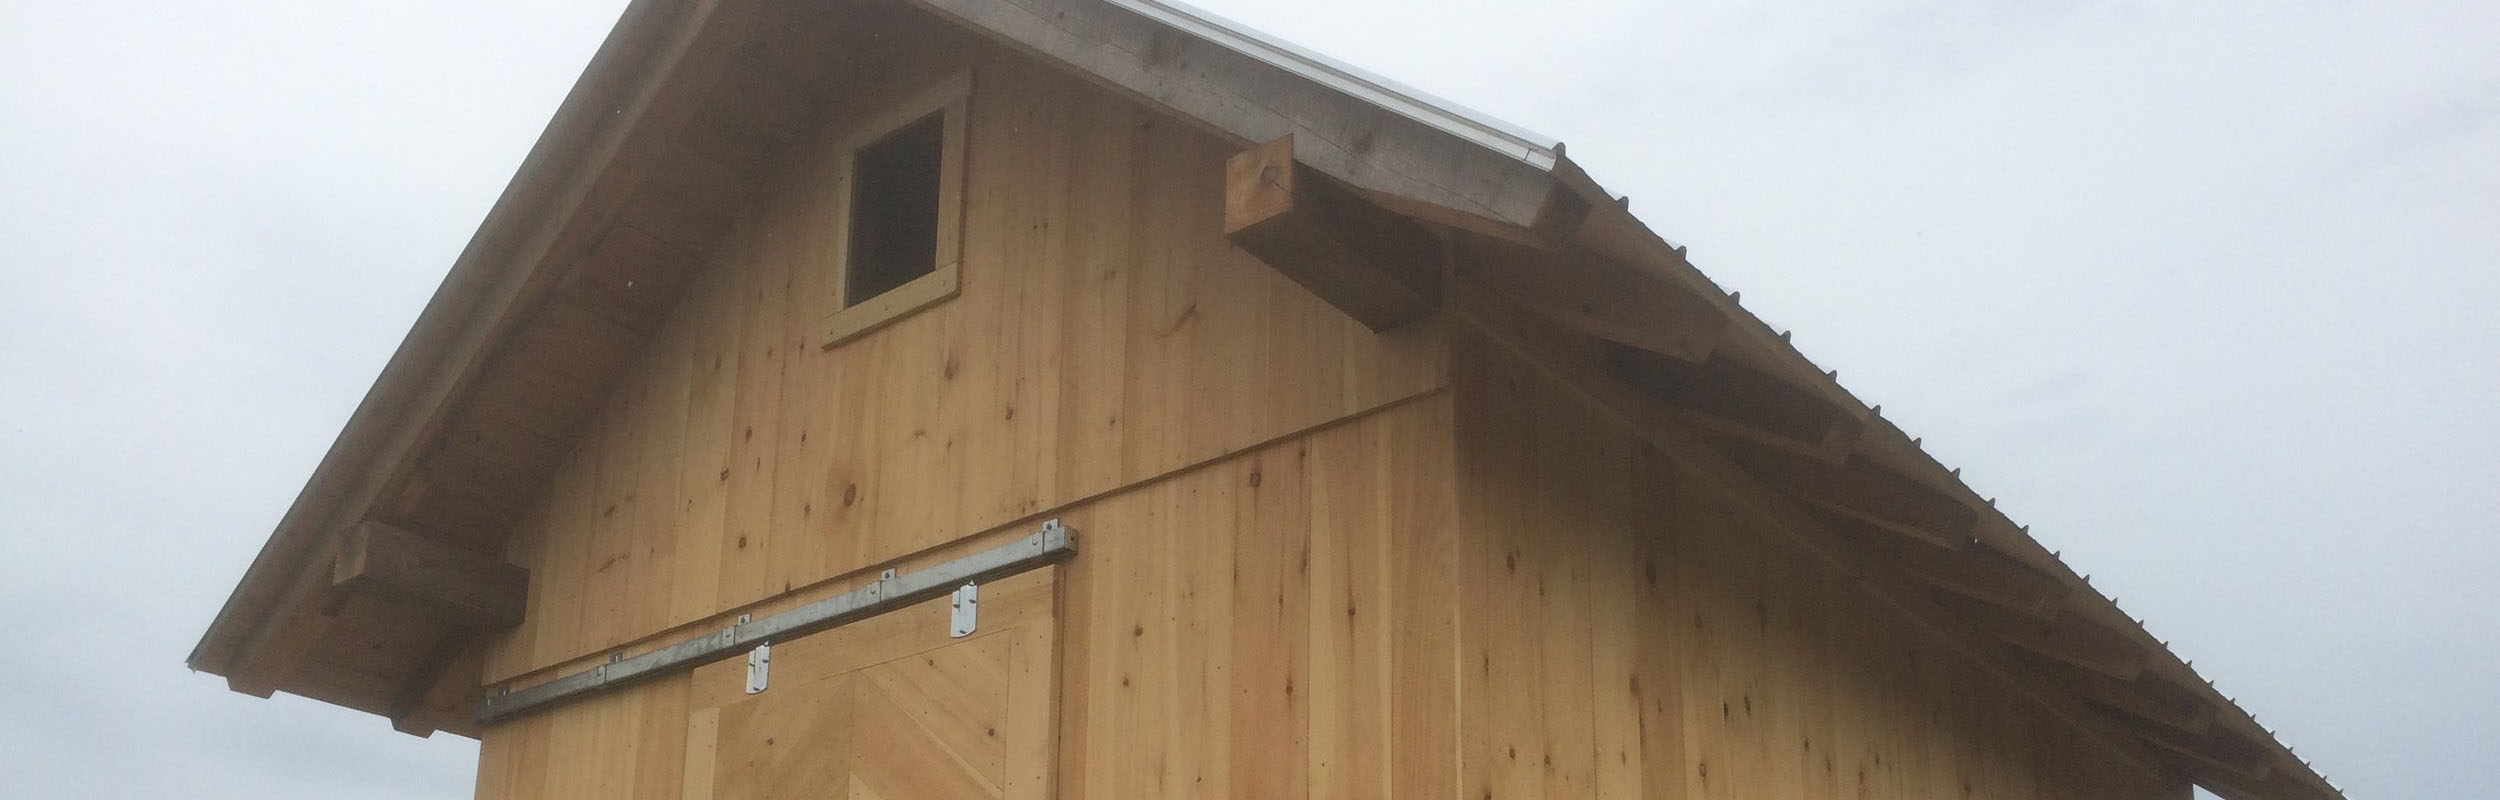 shed banner.jpg